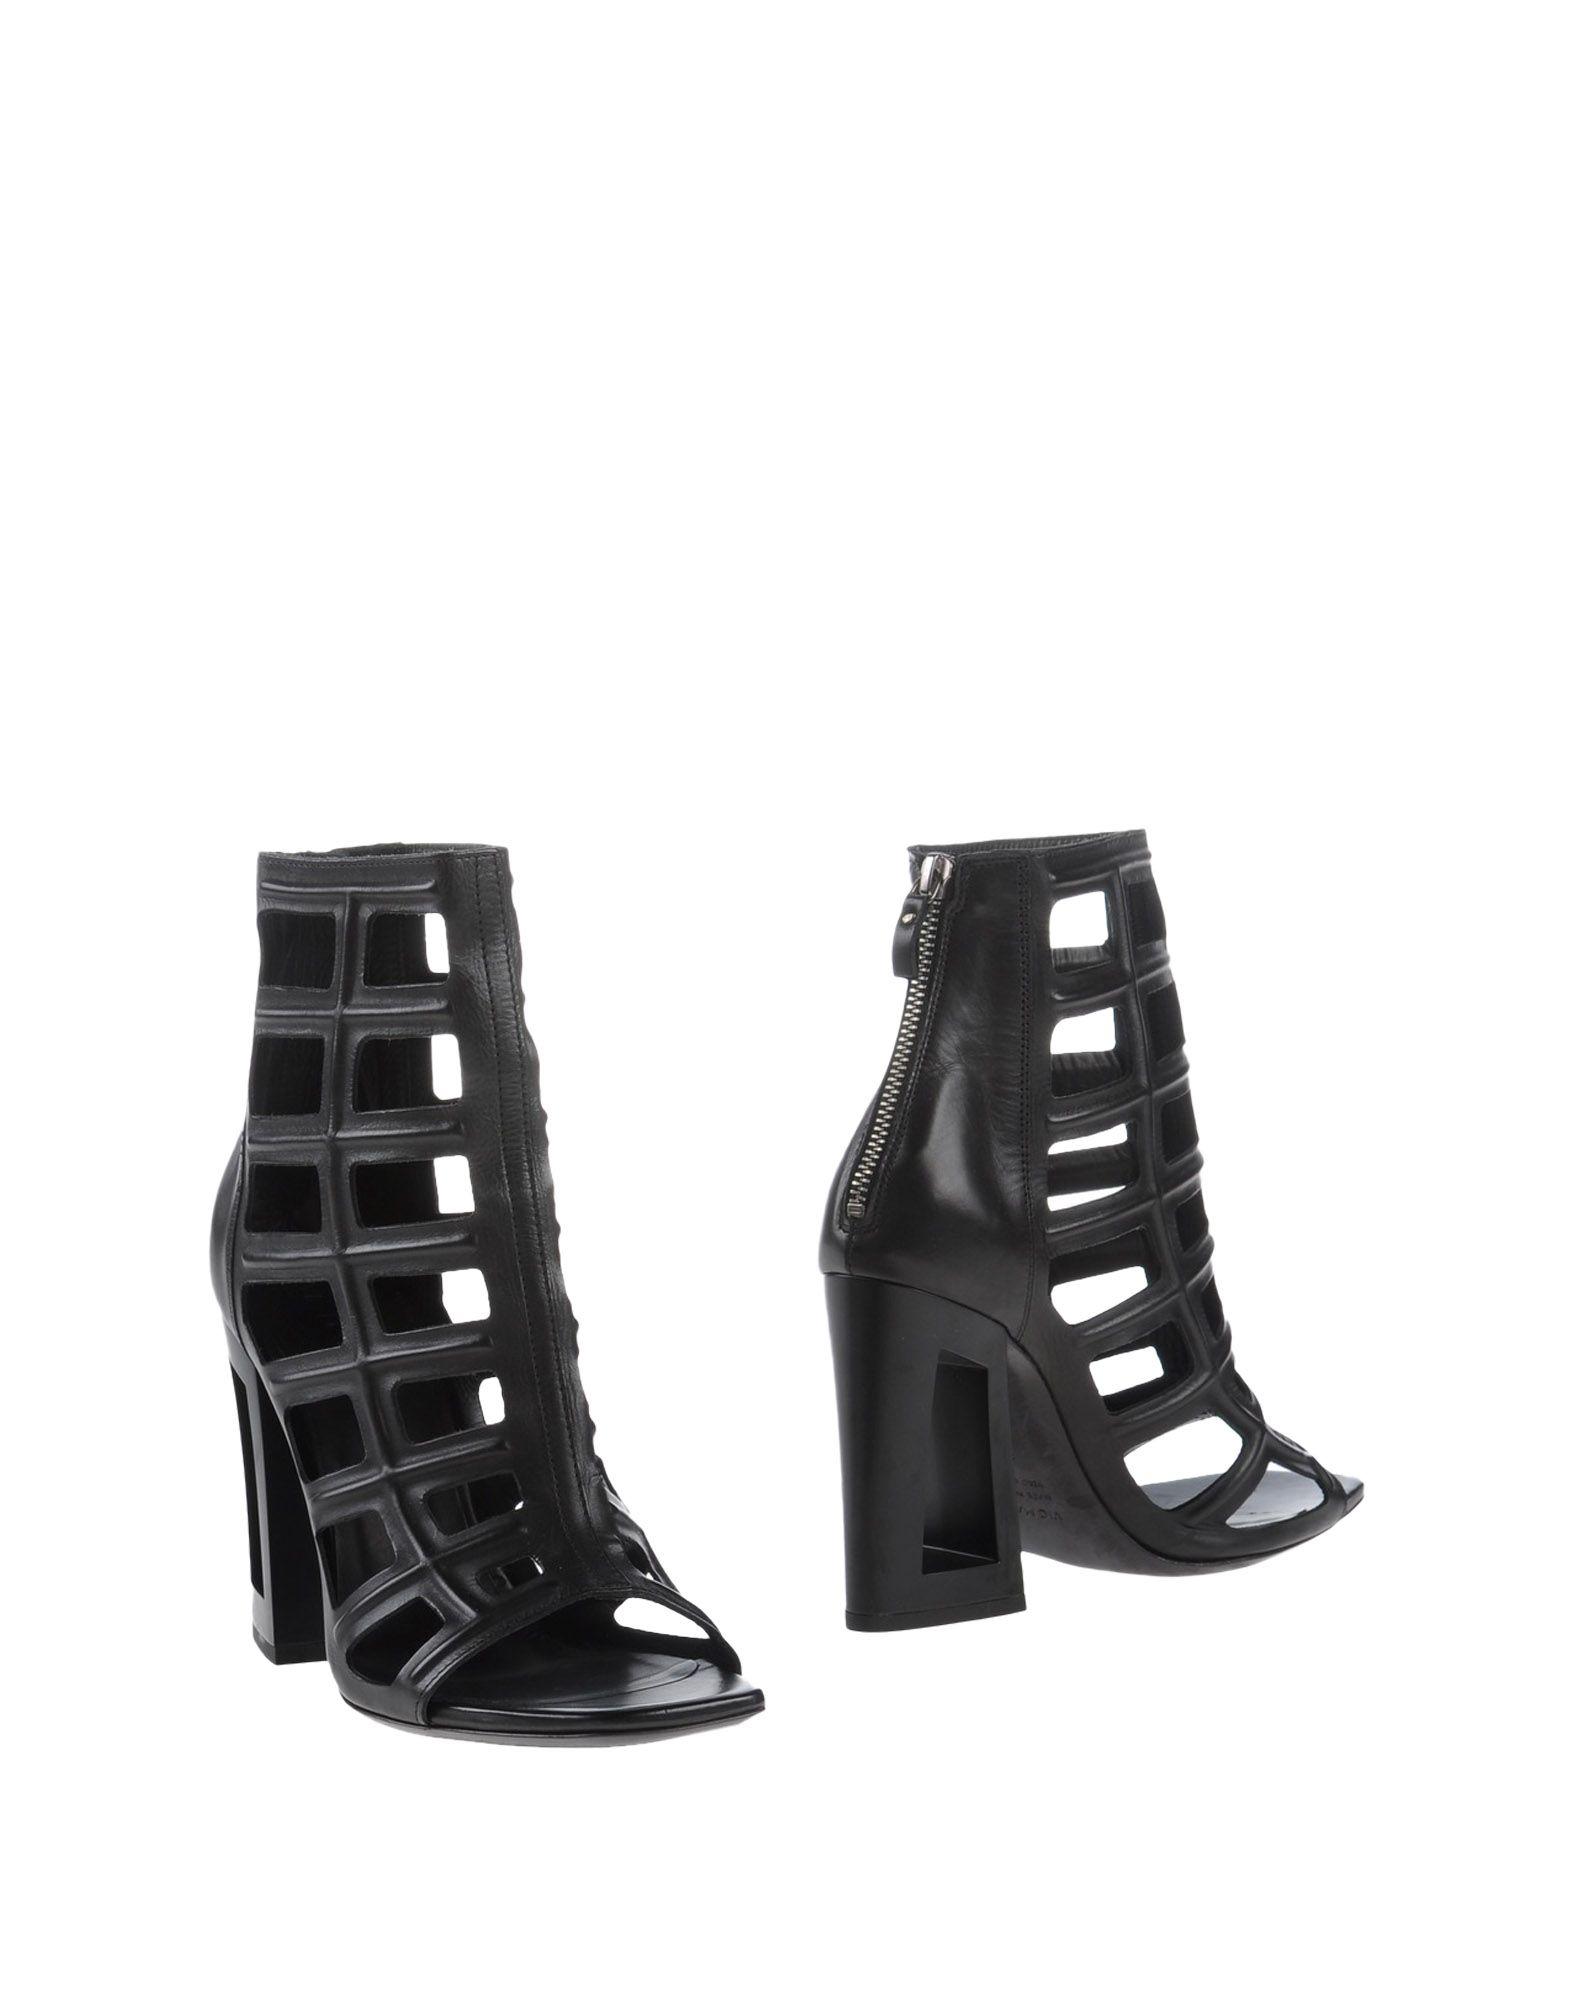 Stilvolle Stiefelette billige Schuhe Vic Matiē Stiefelette Stilvolle Damen  11101460HD 417d8c